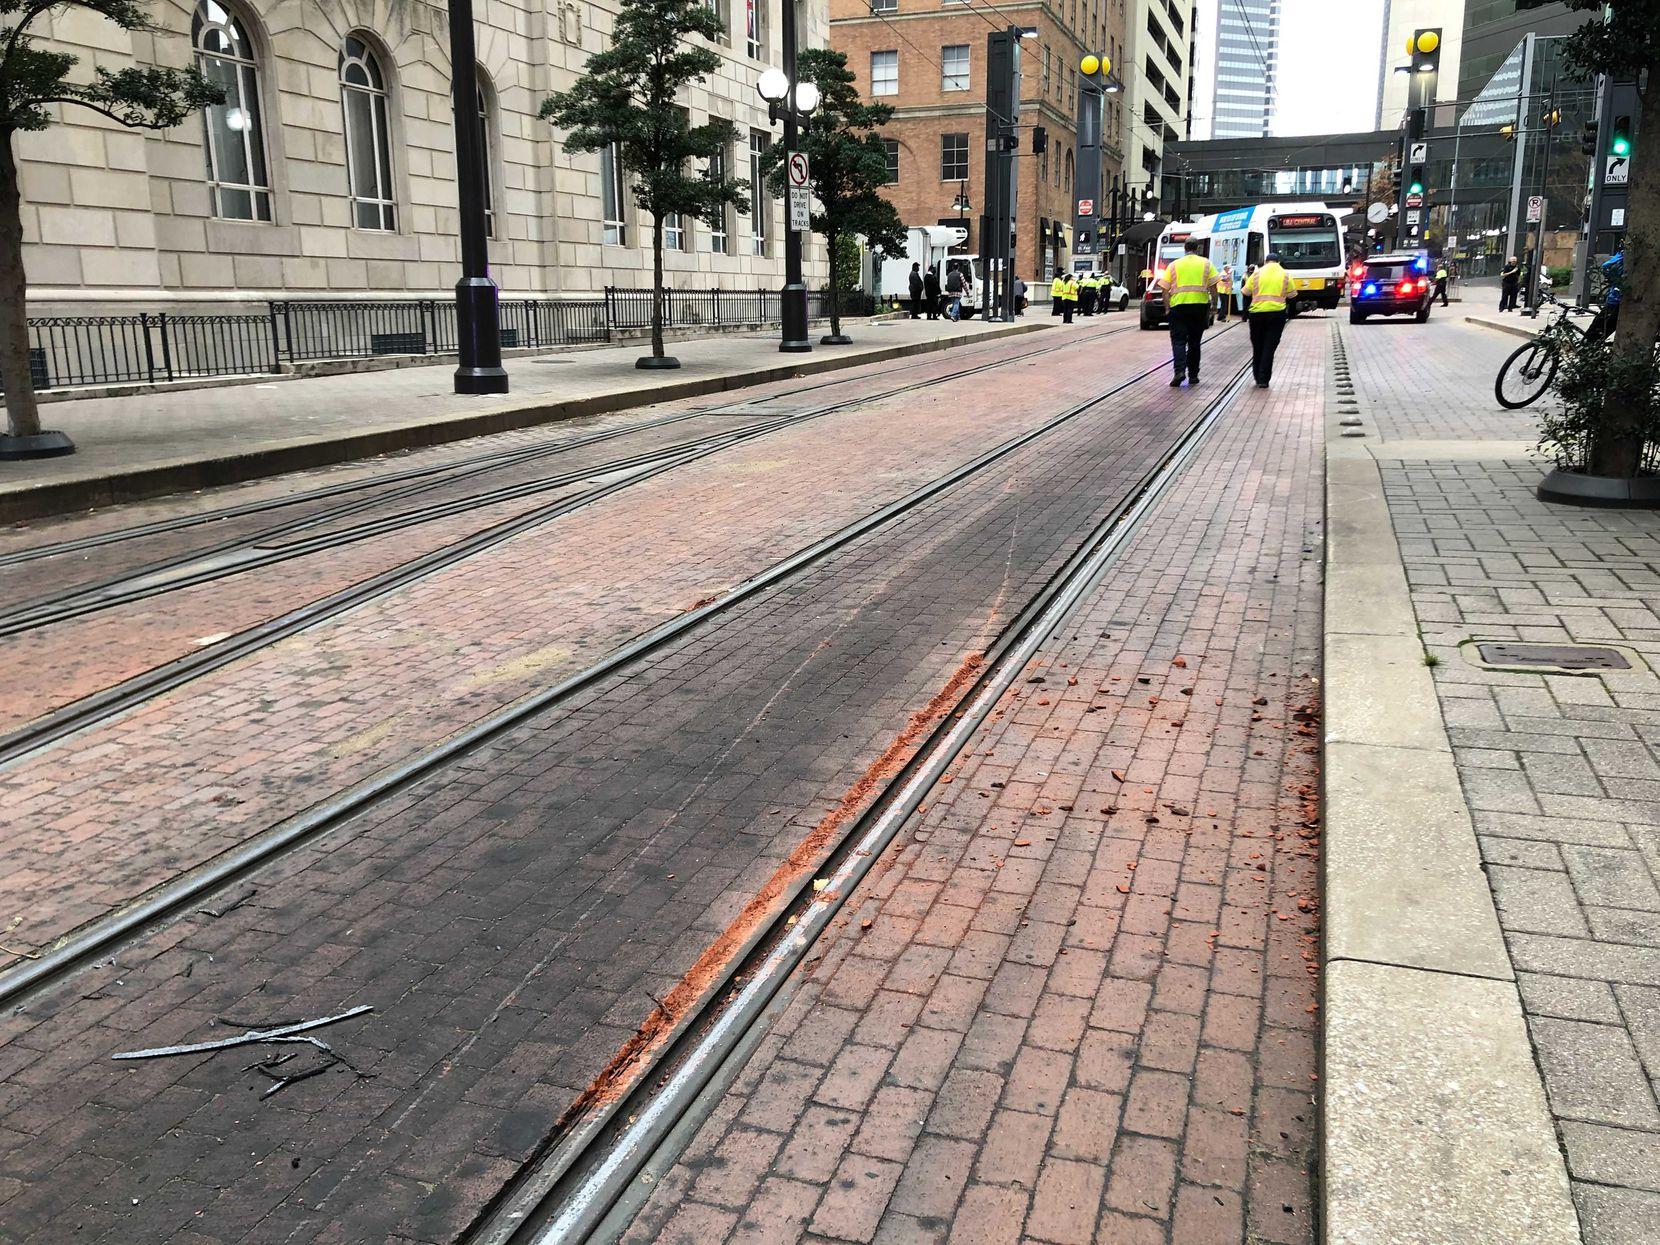 Descarrilamiento de un tren DART en St. Paul Station de Dallas.